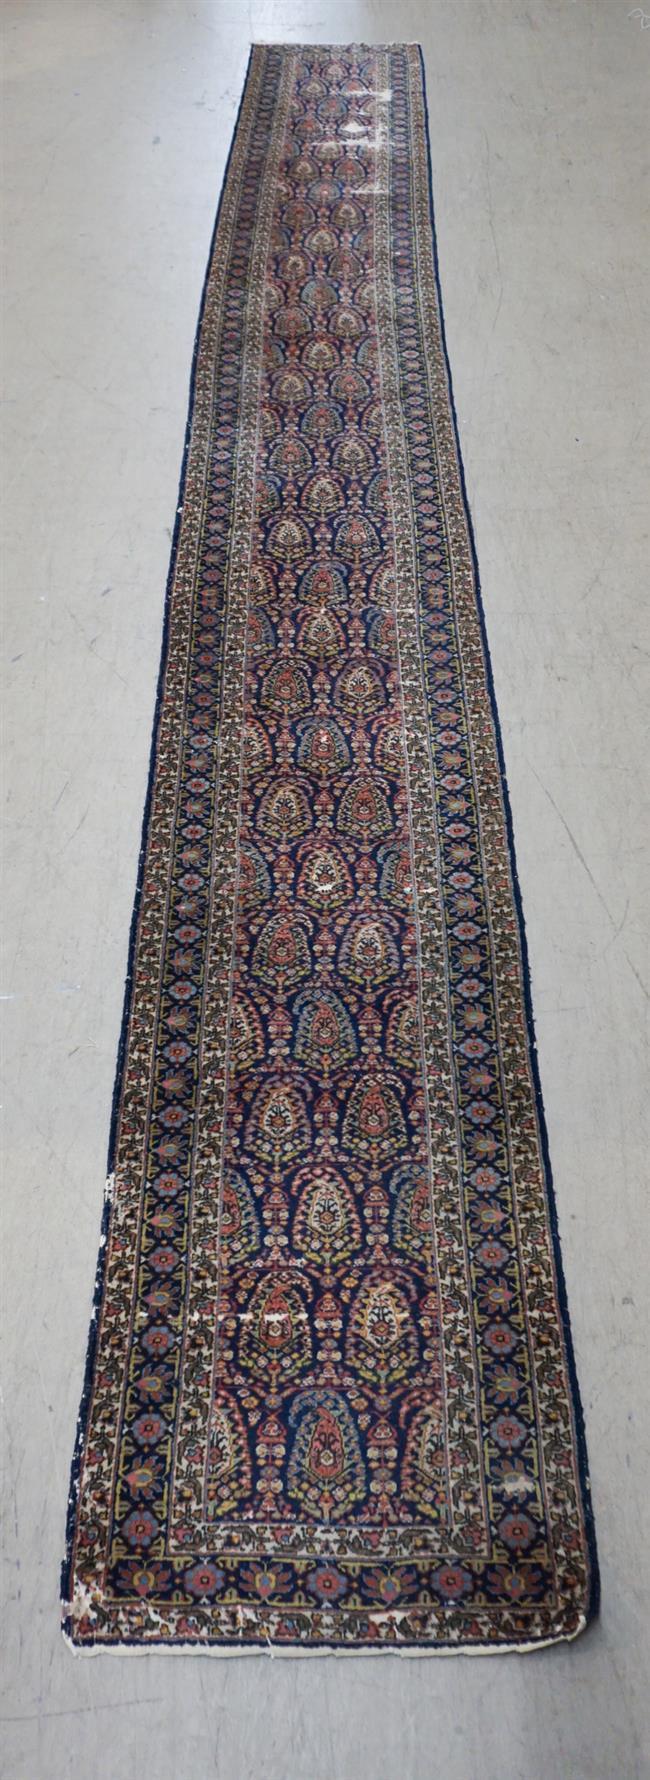 Caucasian Runner (Wear), 21 ft 2 in x 2 ft 9 in